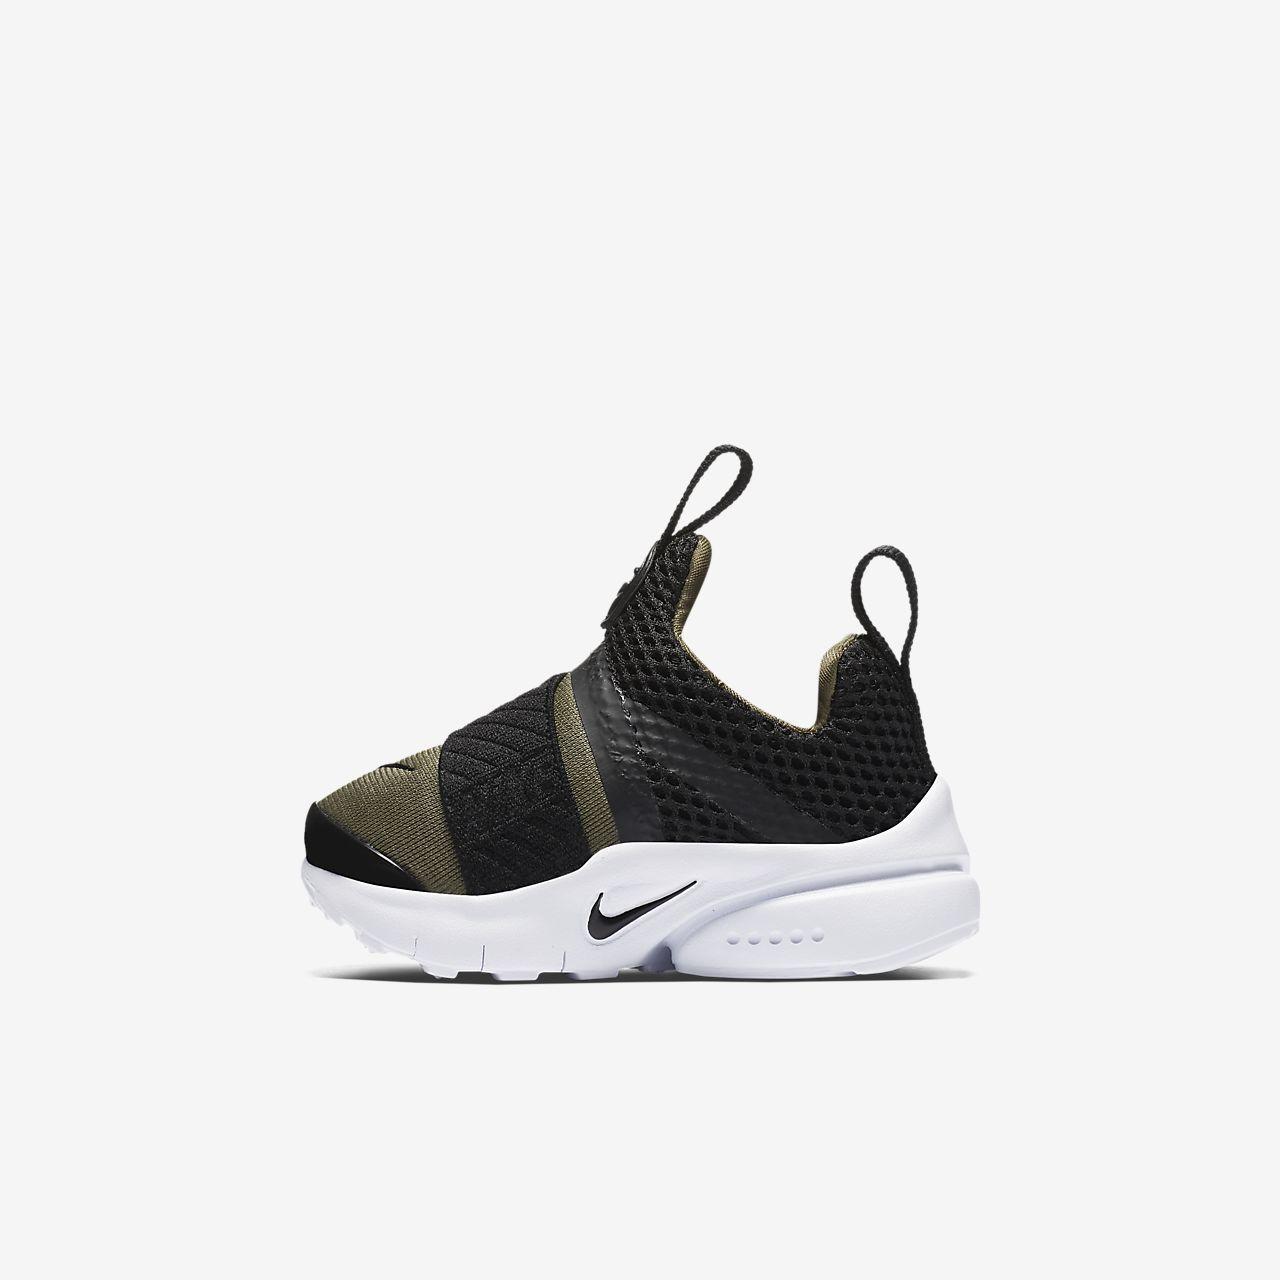 Nike Presto Extreme Infant/Toddler Shoe | Baby boy shoes ...